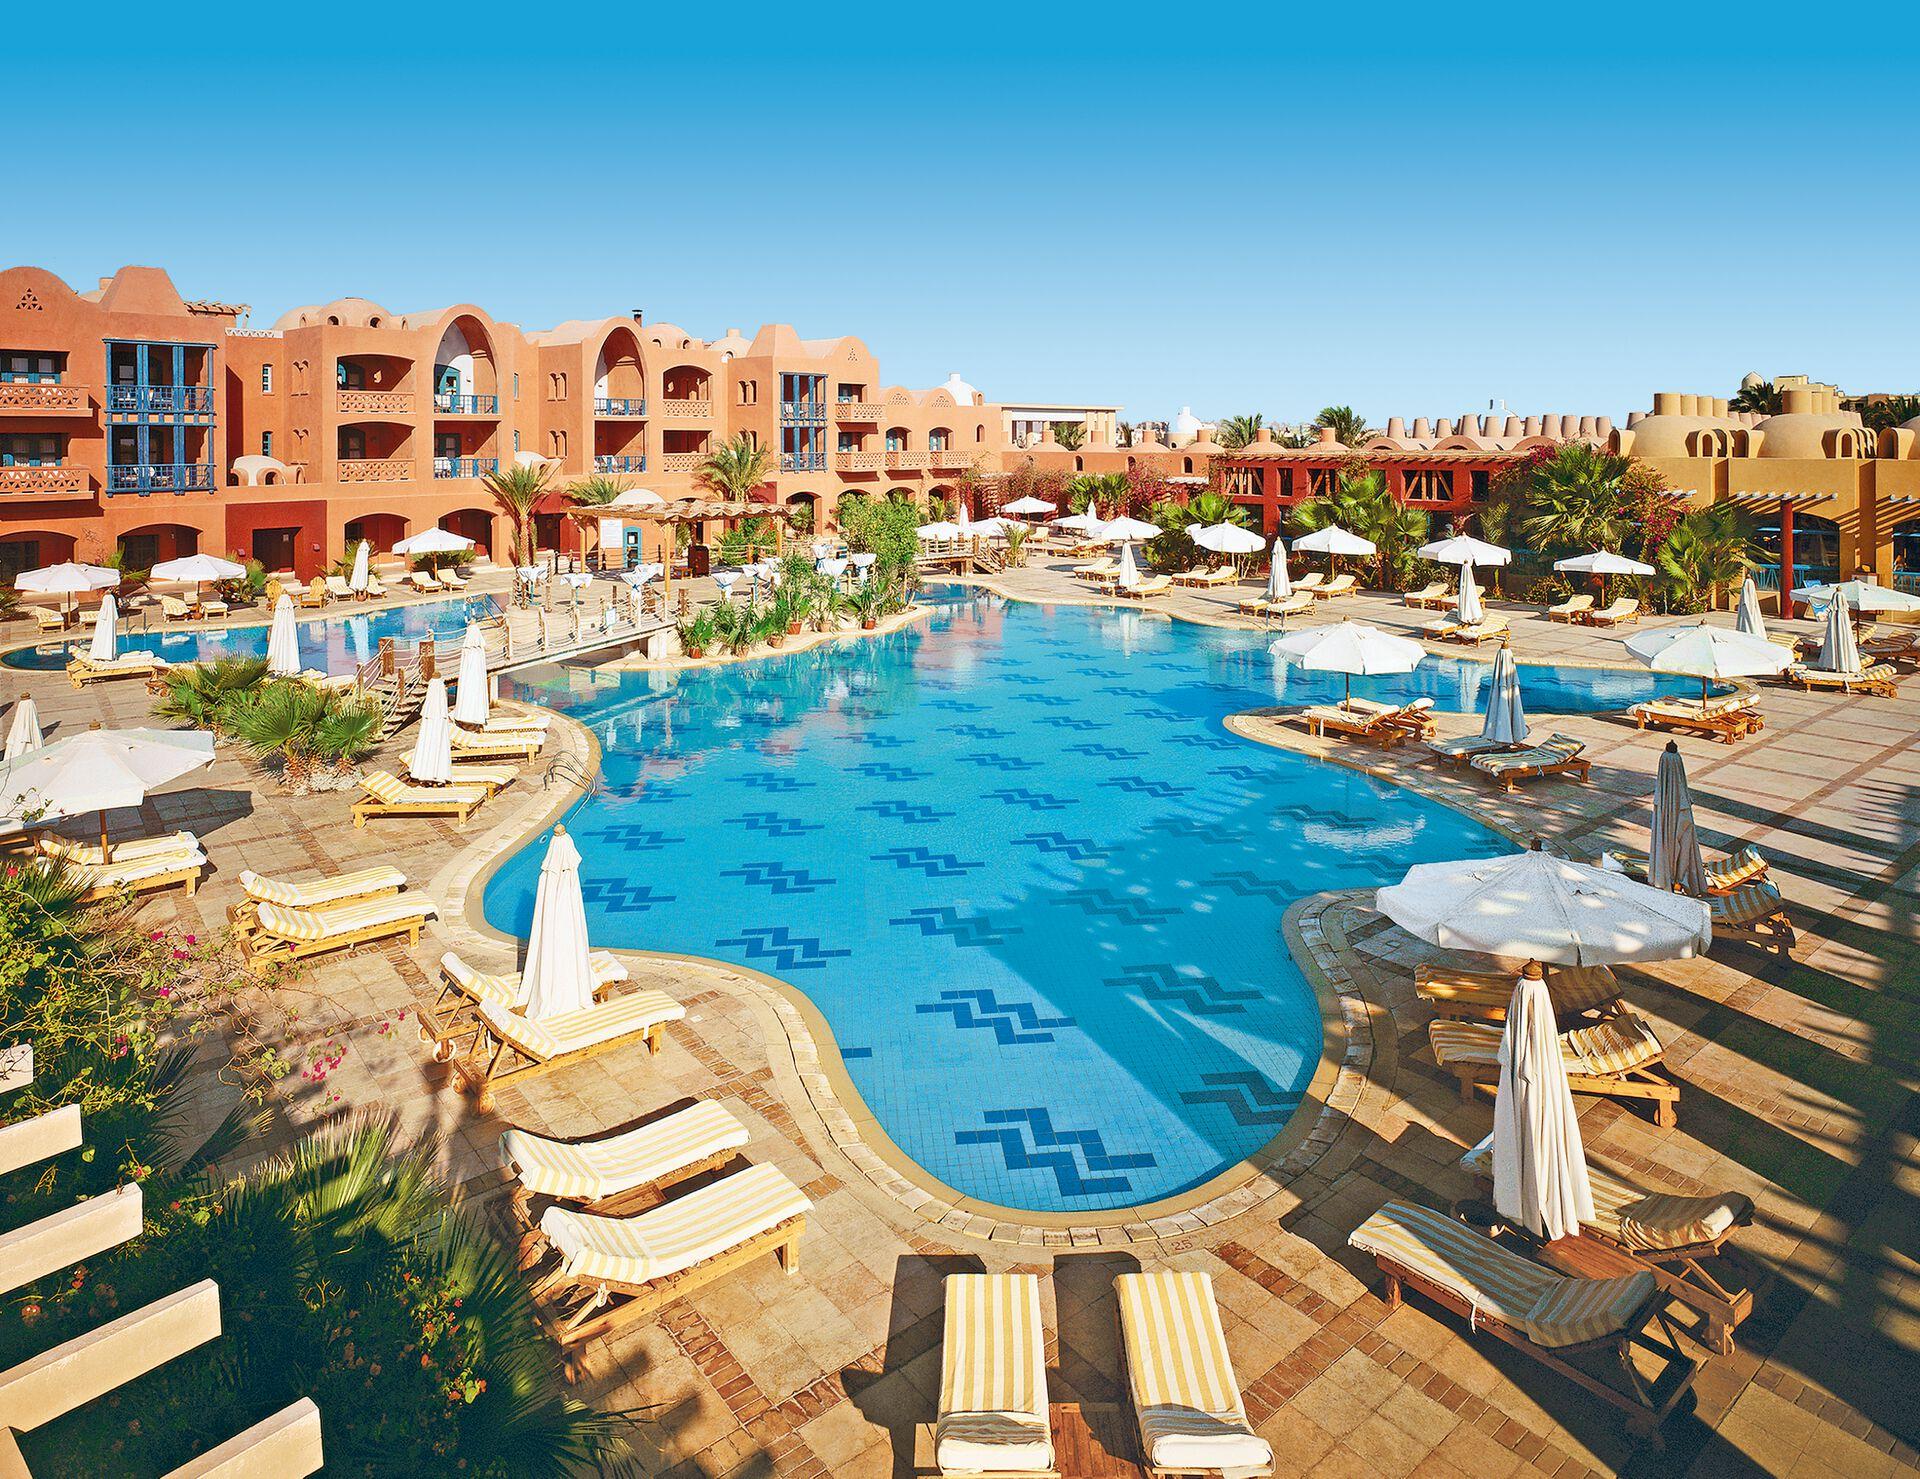 Sheraton Miramar Resort El Gouna - 5*